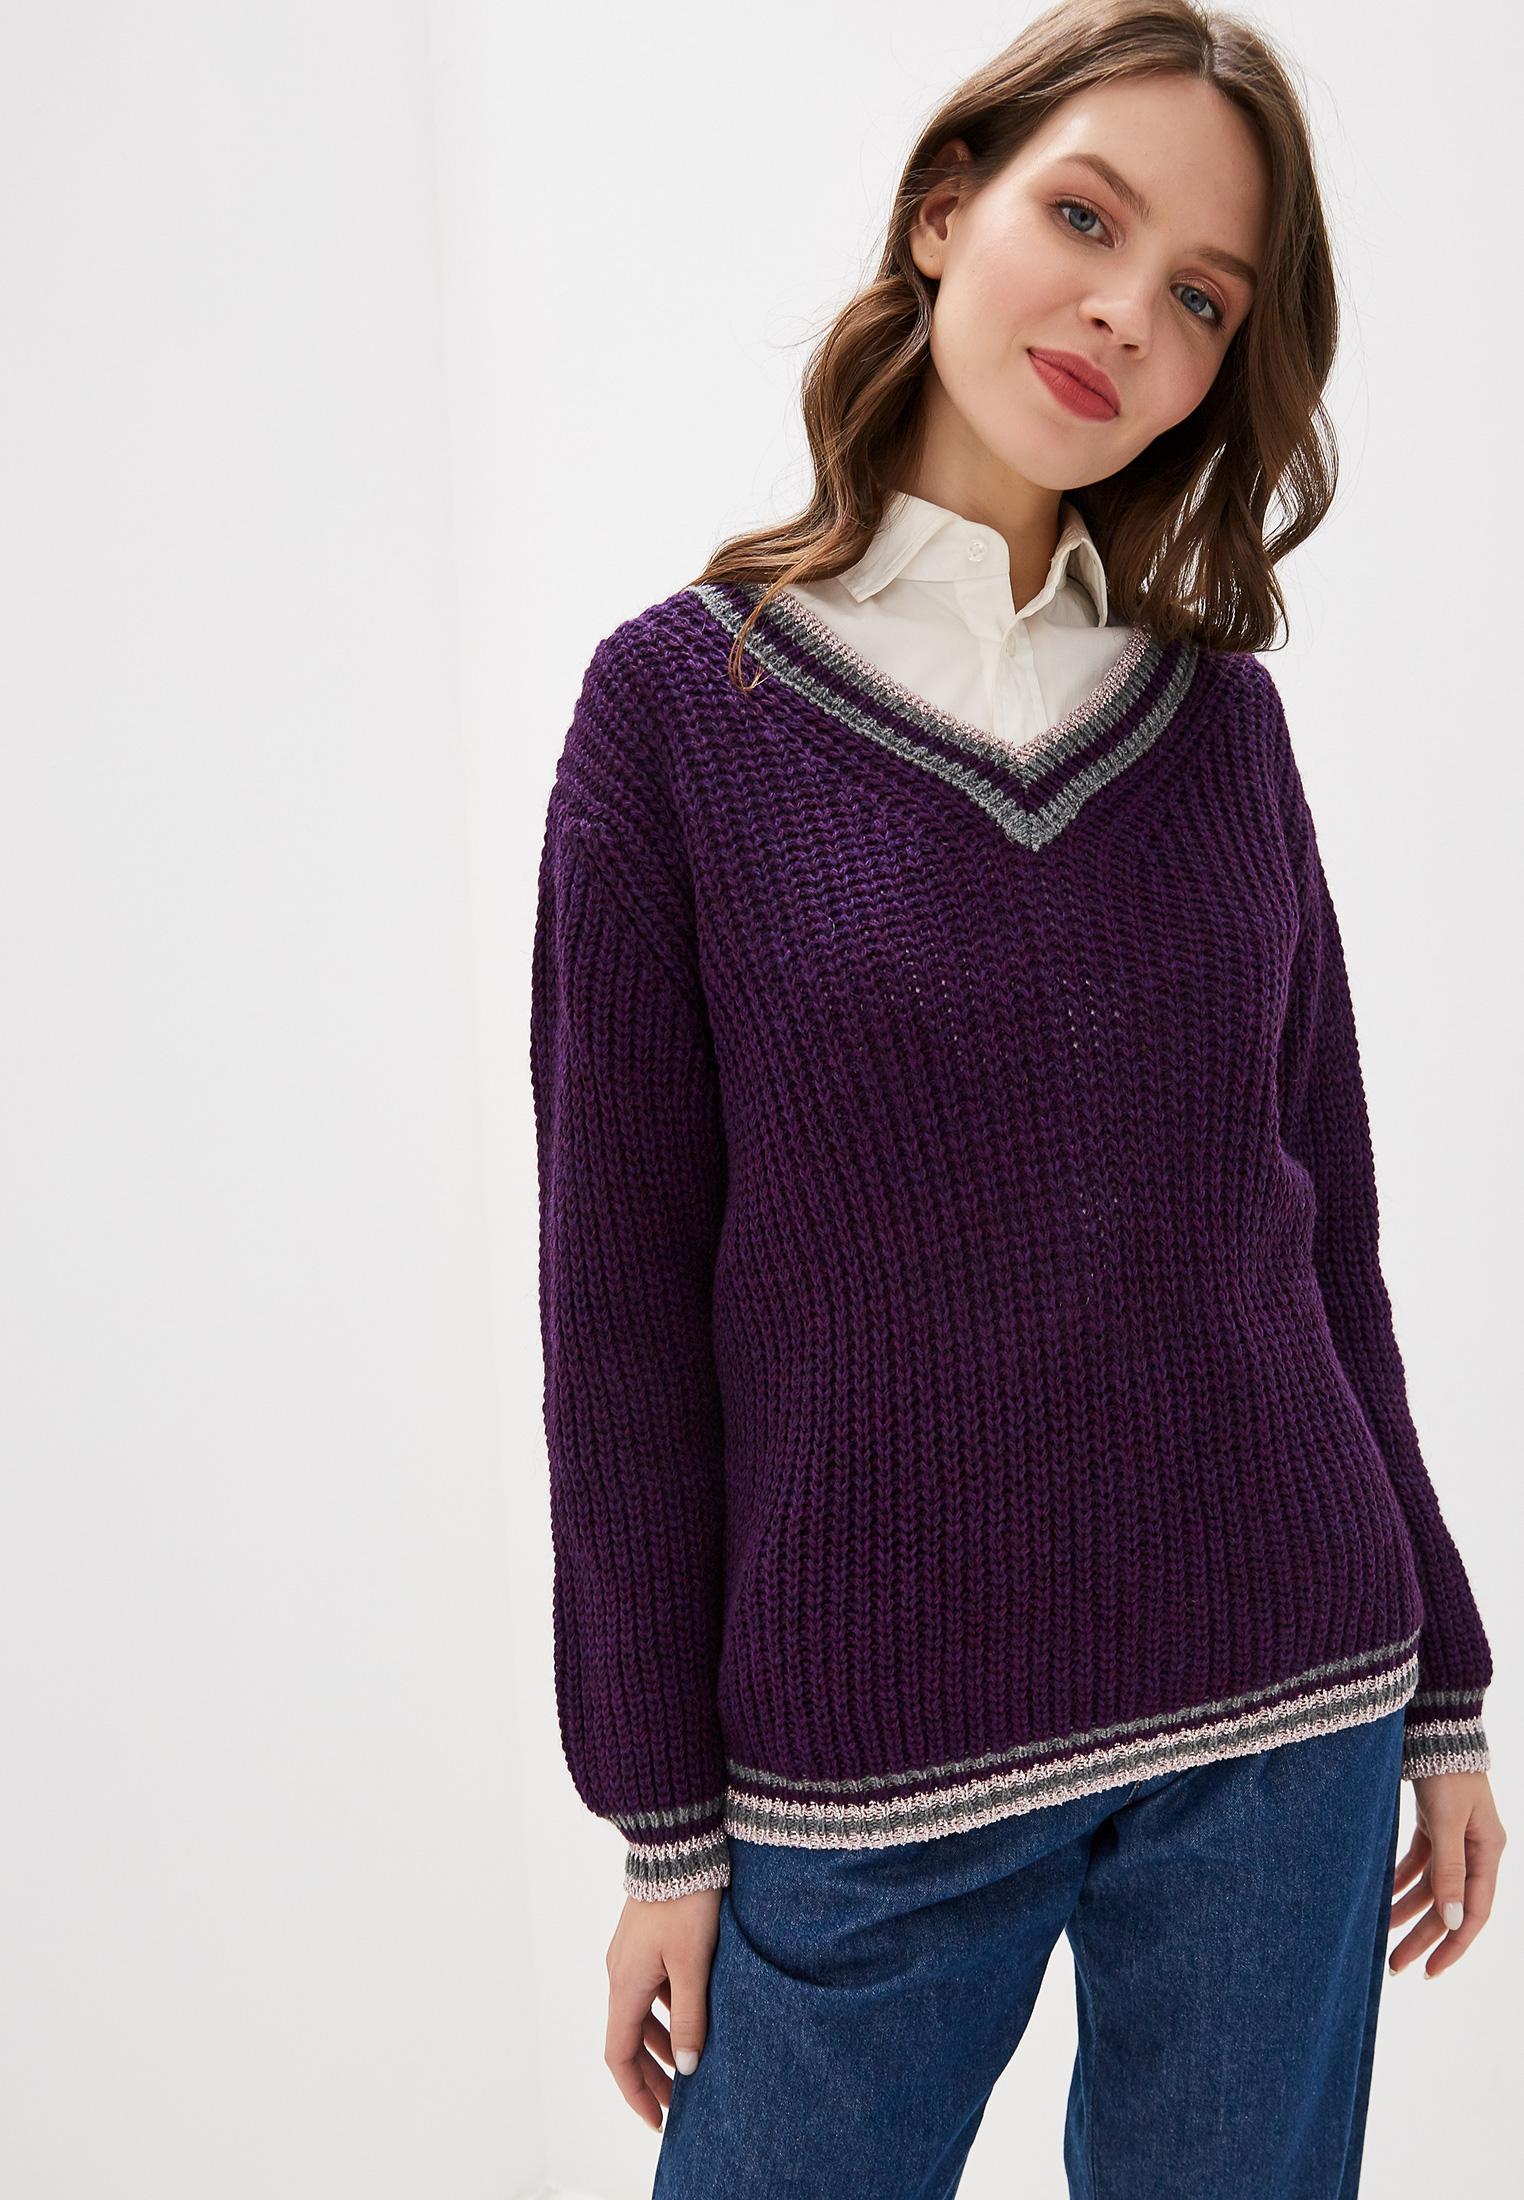 Что такое джемпер и чем он отличается от пуловера?